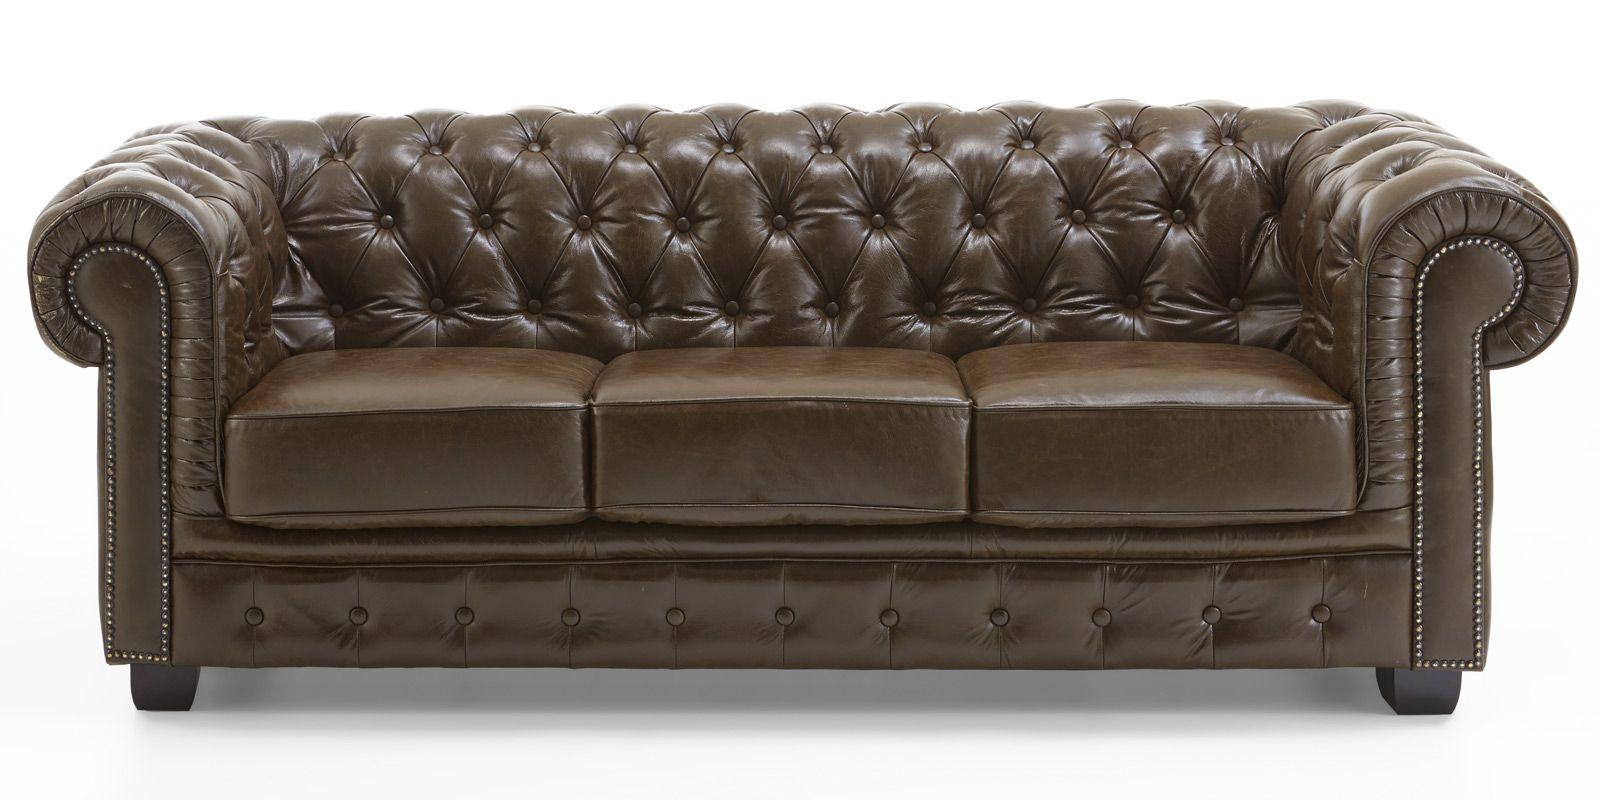 75 Regelmassig Couch Leder Braun